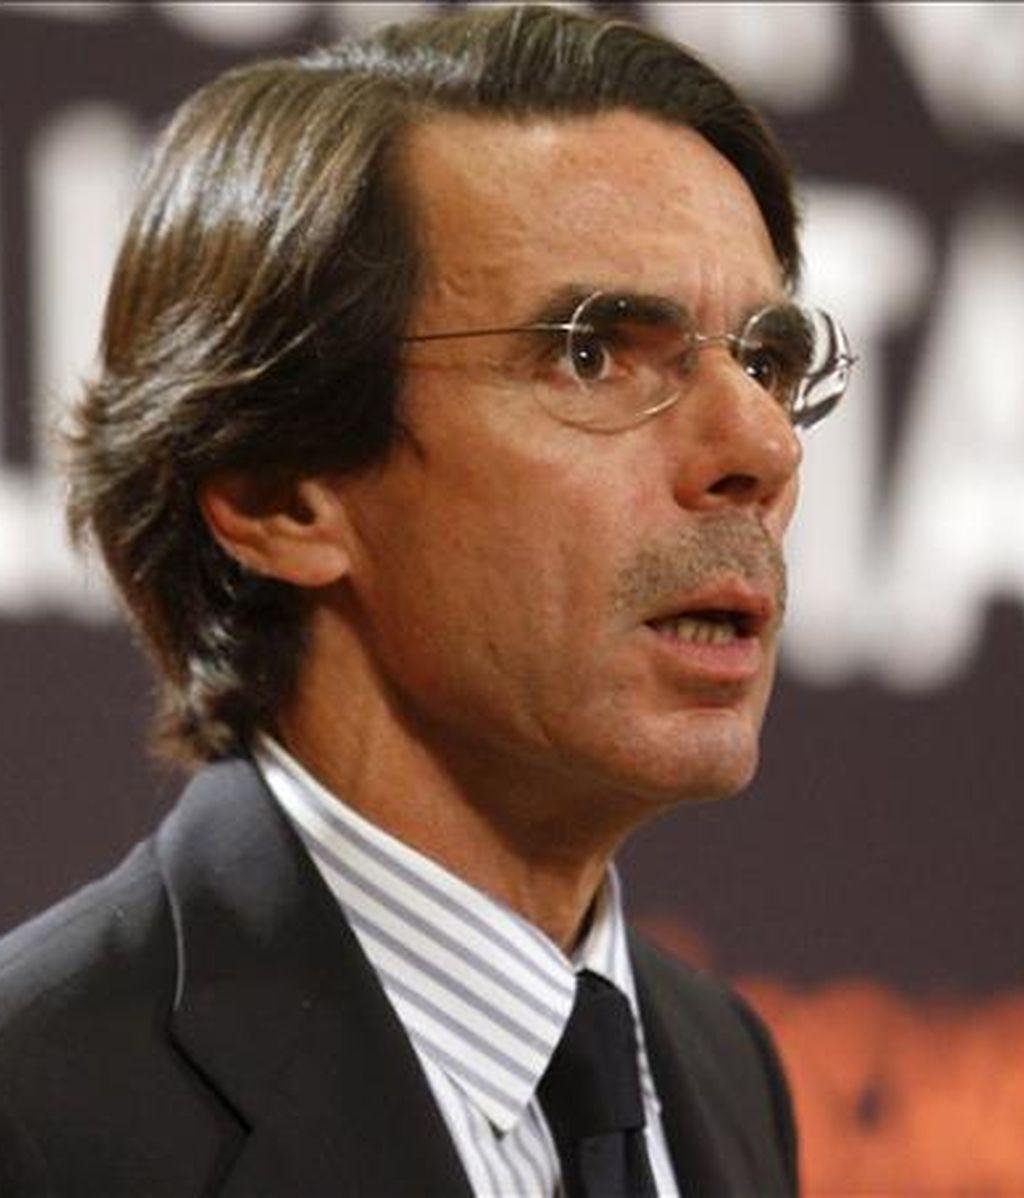 """El ex presidente del Gobierno español, José María Aznar, reivindicó la lucha integral y coordinada contra las redes terroristas en todo el planeta, y recordó que el EEUU había considerado el """"terrorismo como algo externo"""" hasta que sufrió el ataque del 11 de septiembre. EFE/Archivo"""